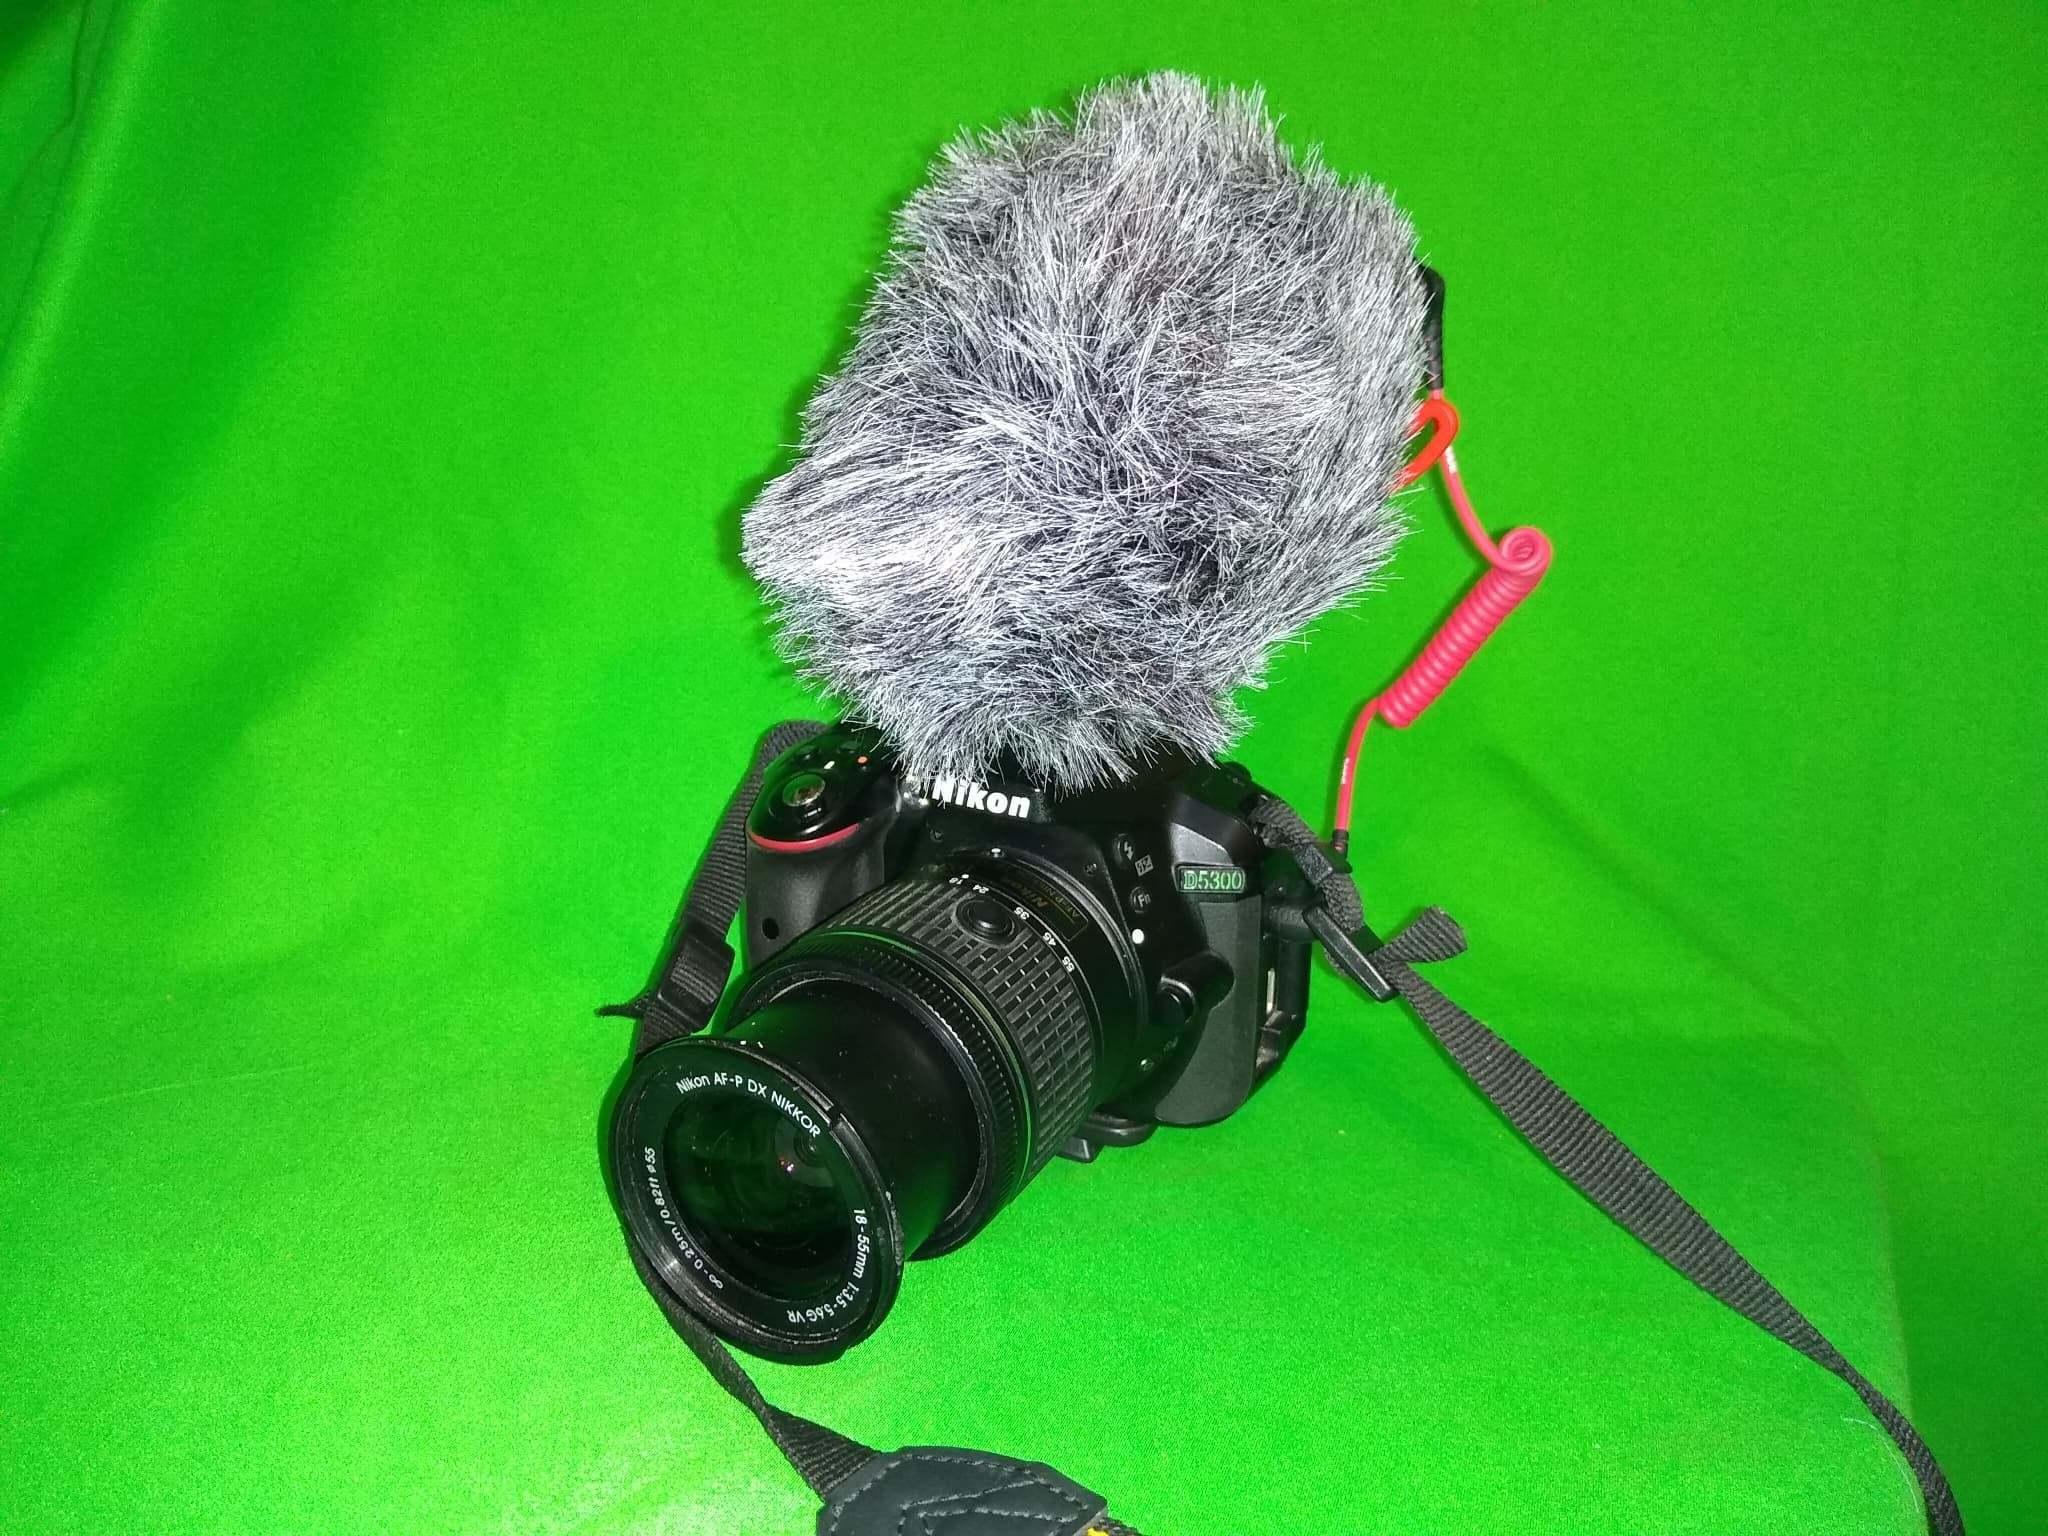 93236390_524402021780417_120508523103649792_n.jpg Télécharger fichier STL gratuit Adaptateur de rallonge double Hotshoe, idéal pour les micros Rode et les appareils photo DSLR Lumière pour la vidéo Nikon, Canon etc. • Plan à imprimer en 3D, Mrdwgraf